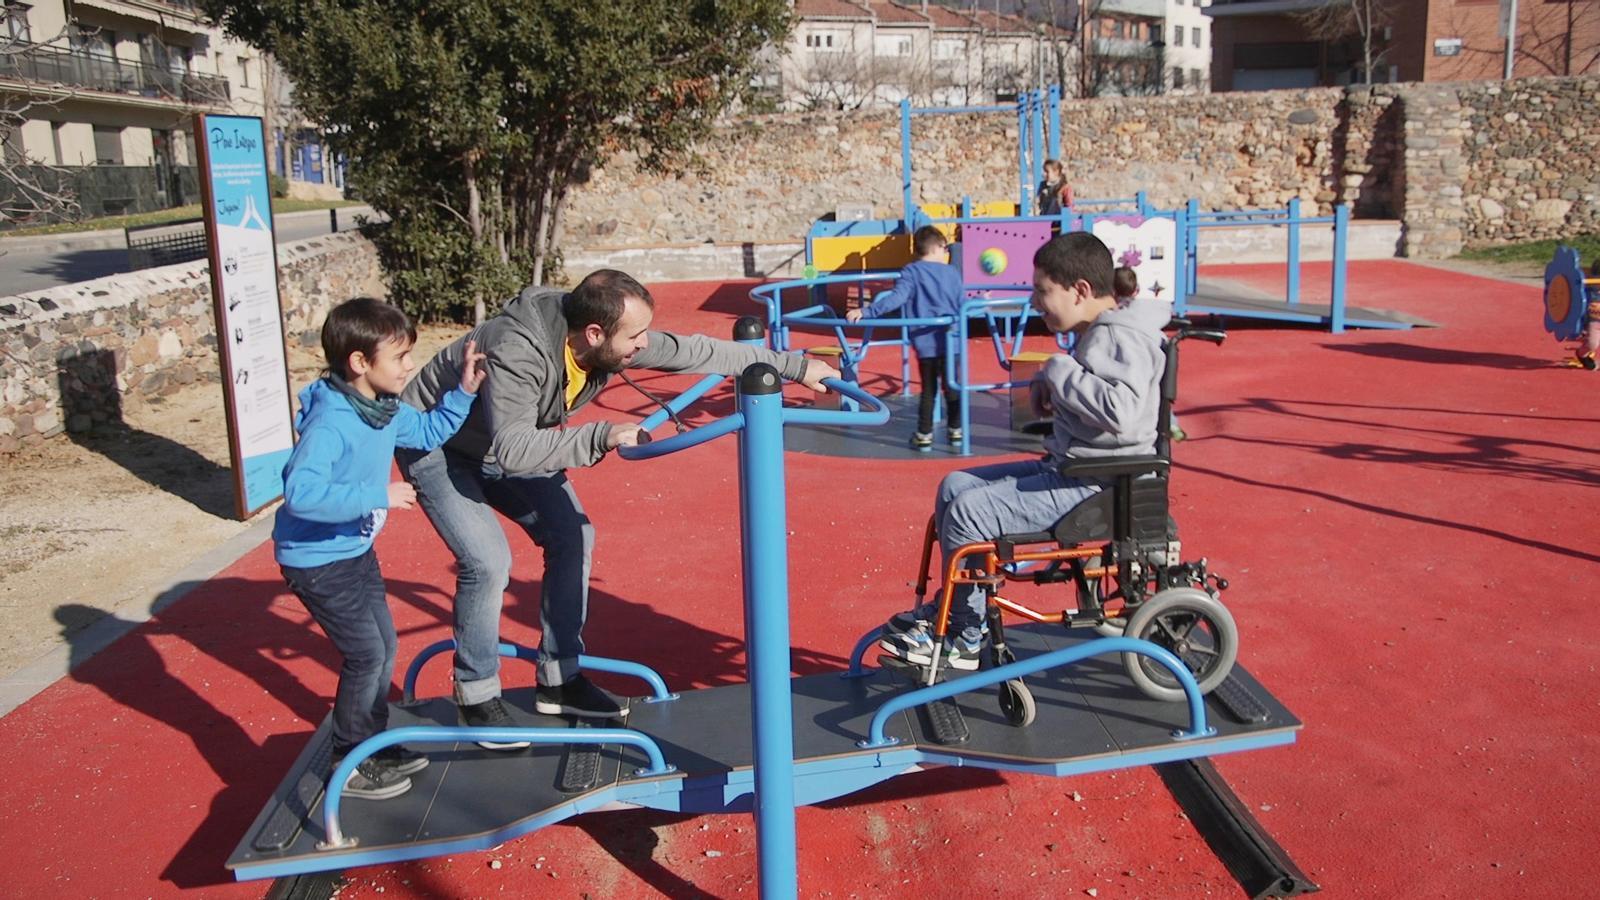 Fins a 41.200 euros anuals: el sobreesforç econòmic mitjà de les persones amb discapacitat